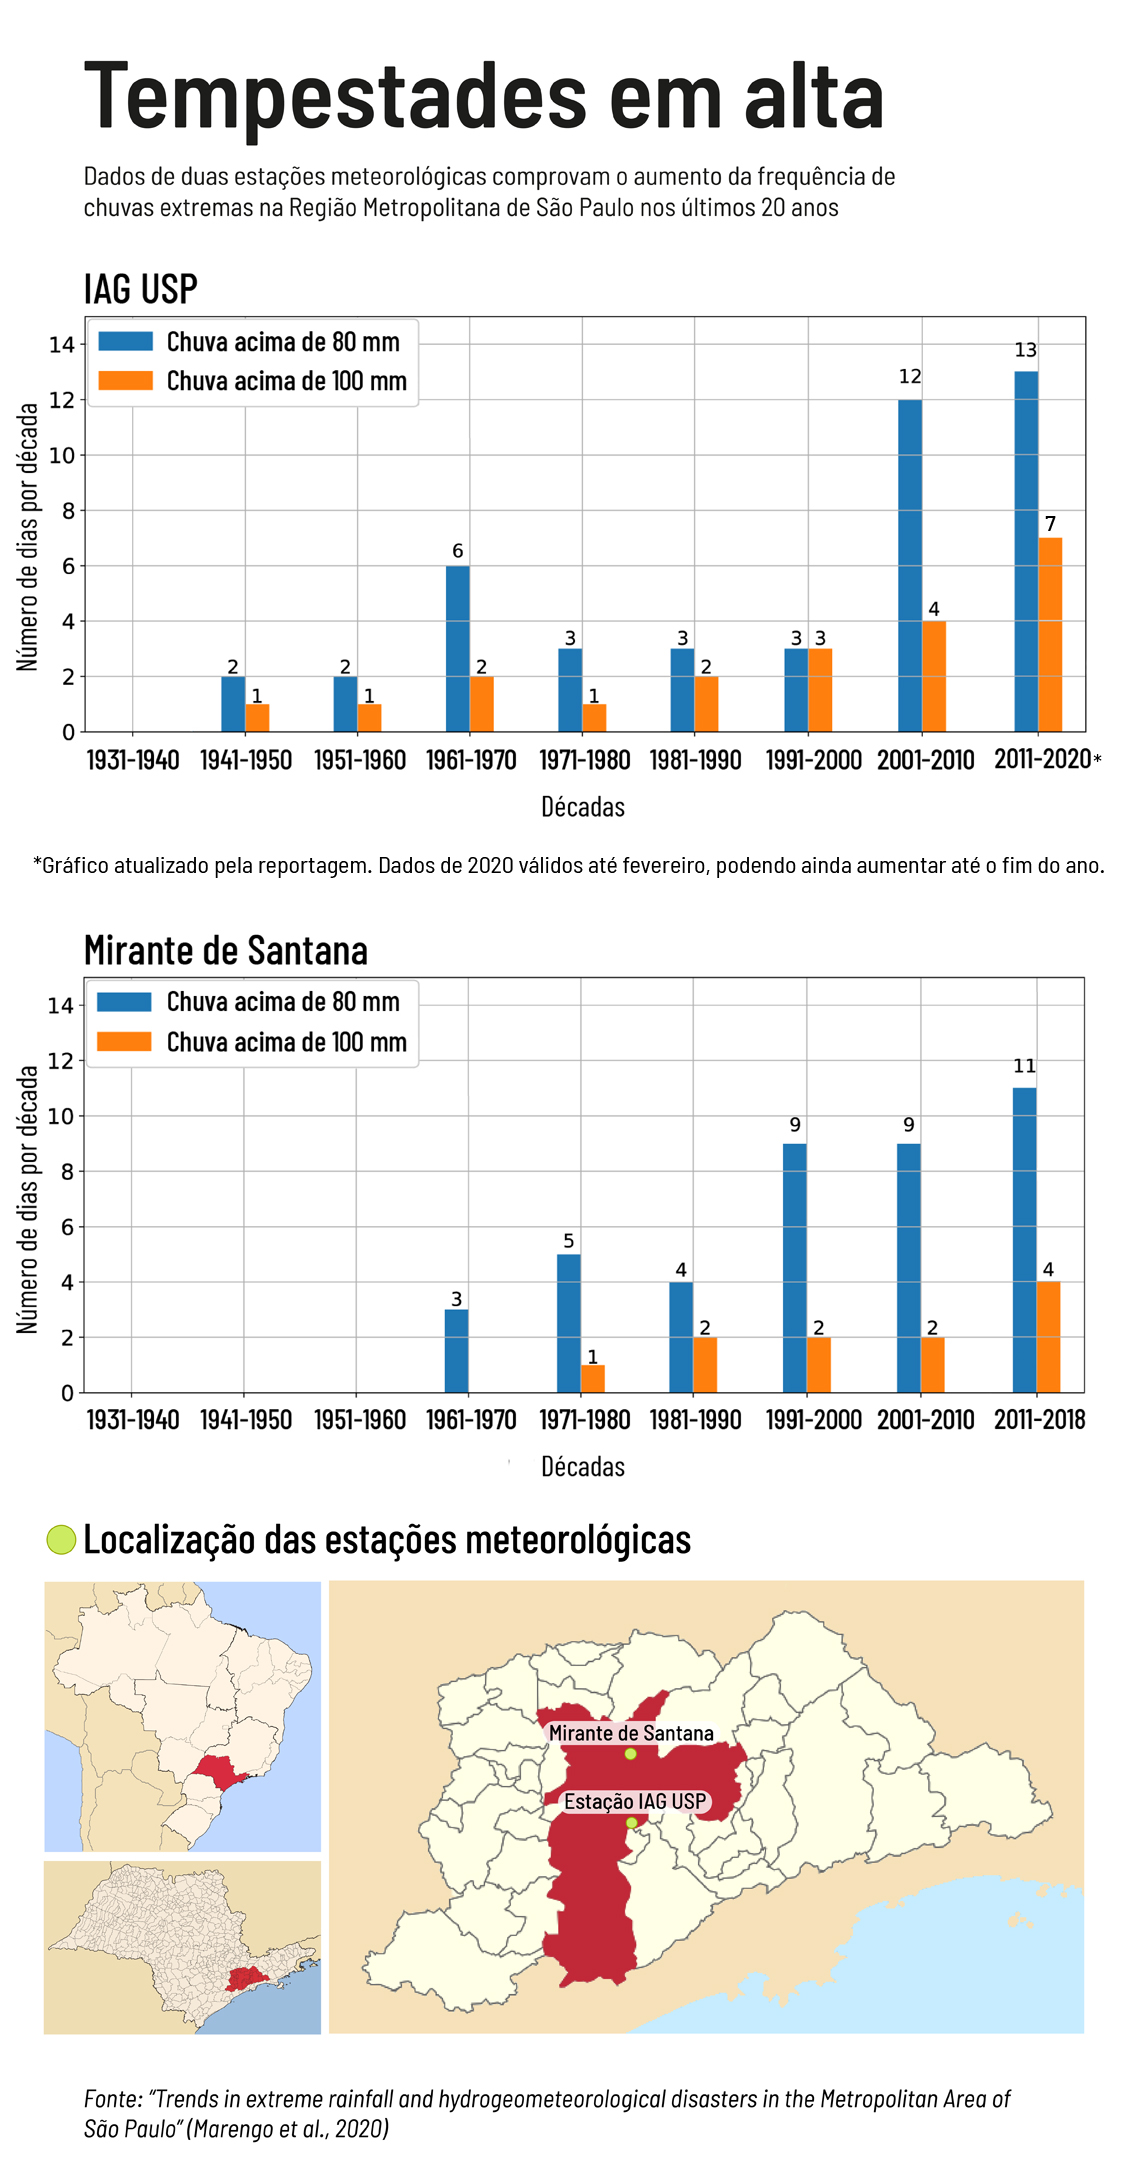 dados de estações meteorológicas em São Paulo comprovam aumento das tempestades